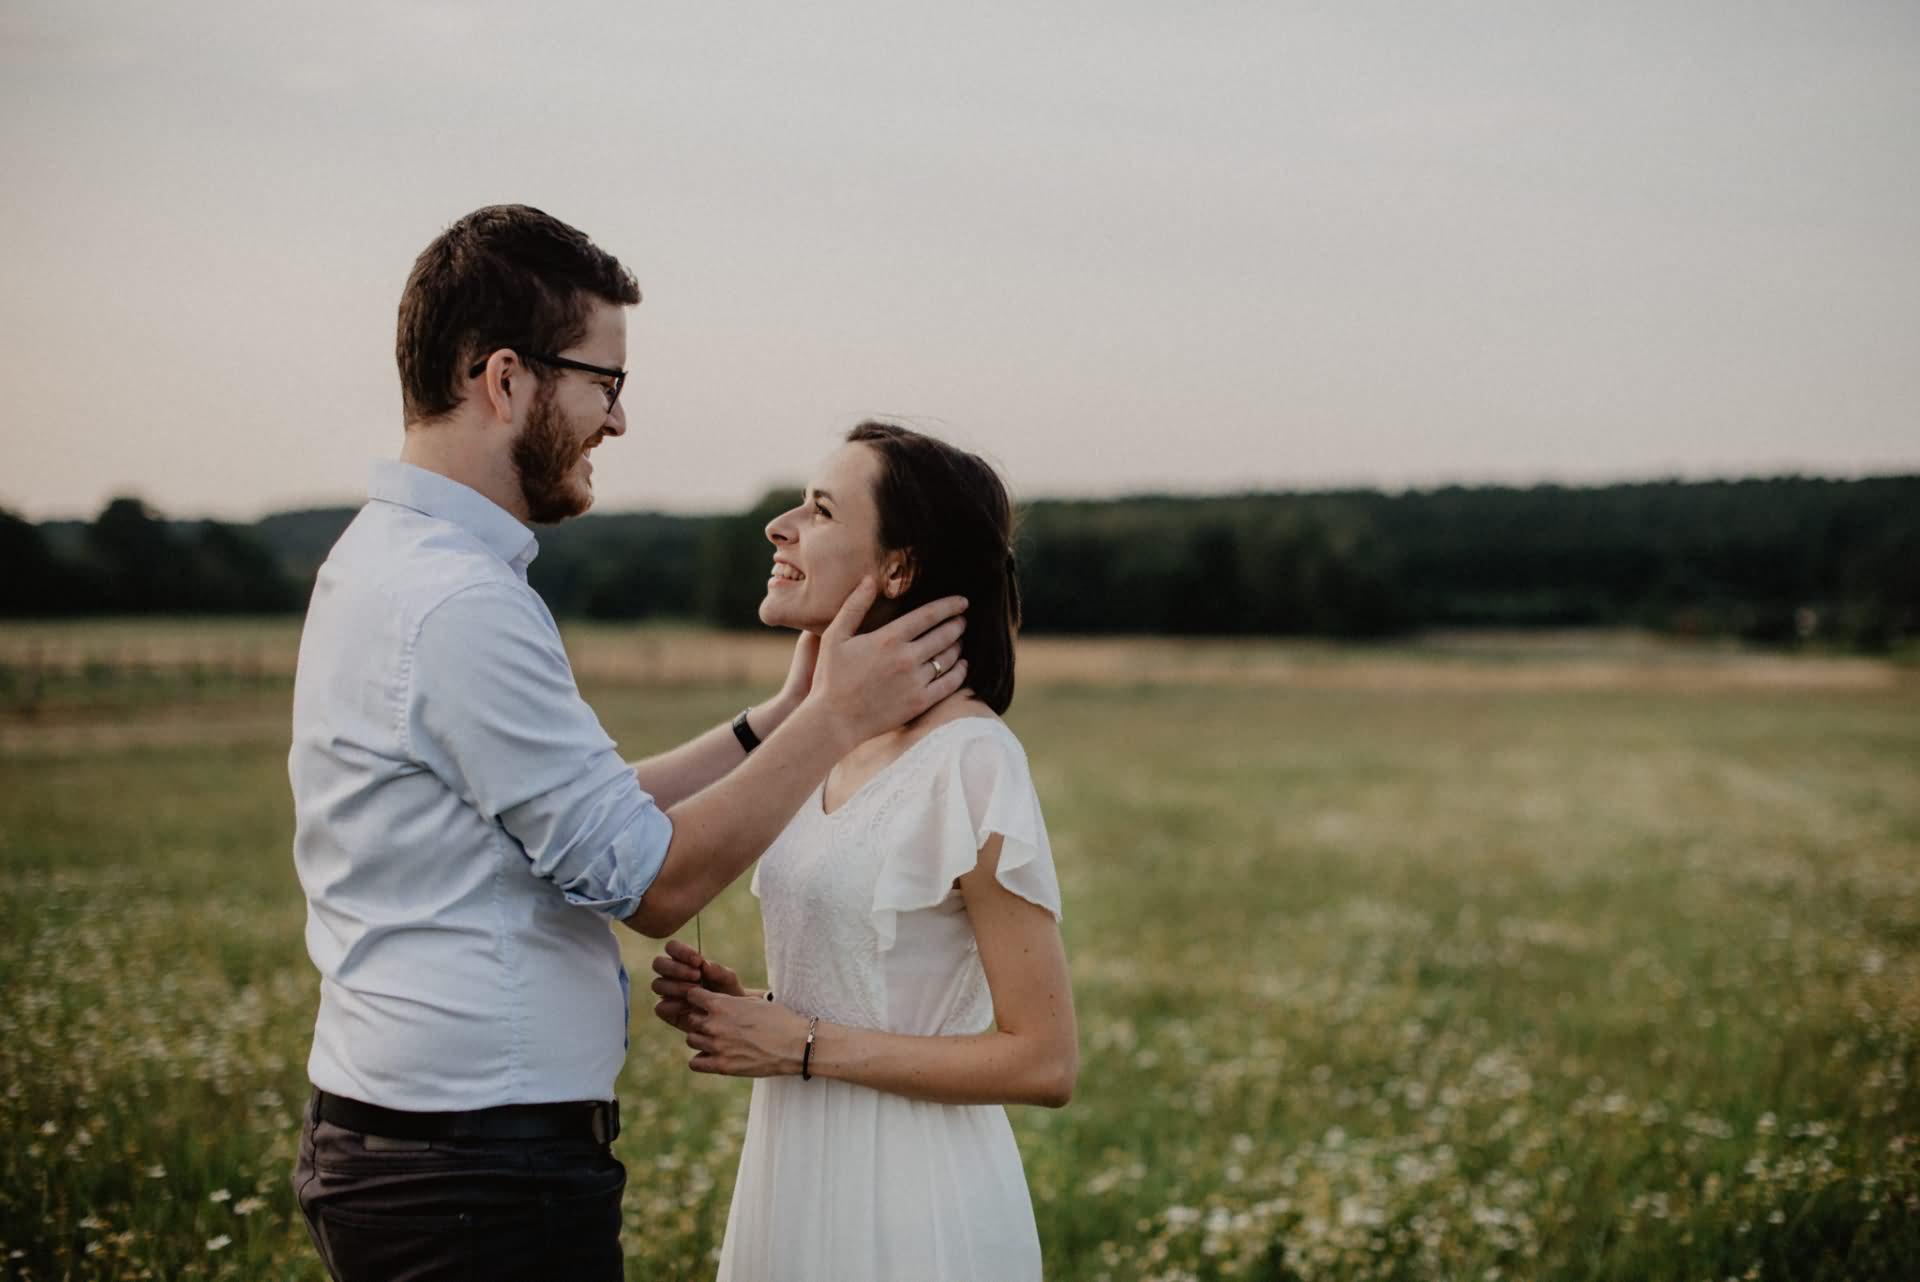 Sesja małżeńska - sesja zdjęciowa z okazji rocznicy ślubu Fotografia Ślubna